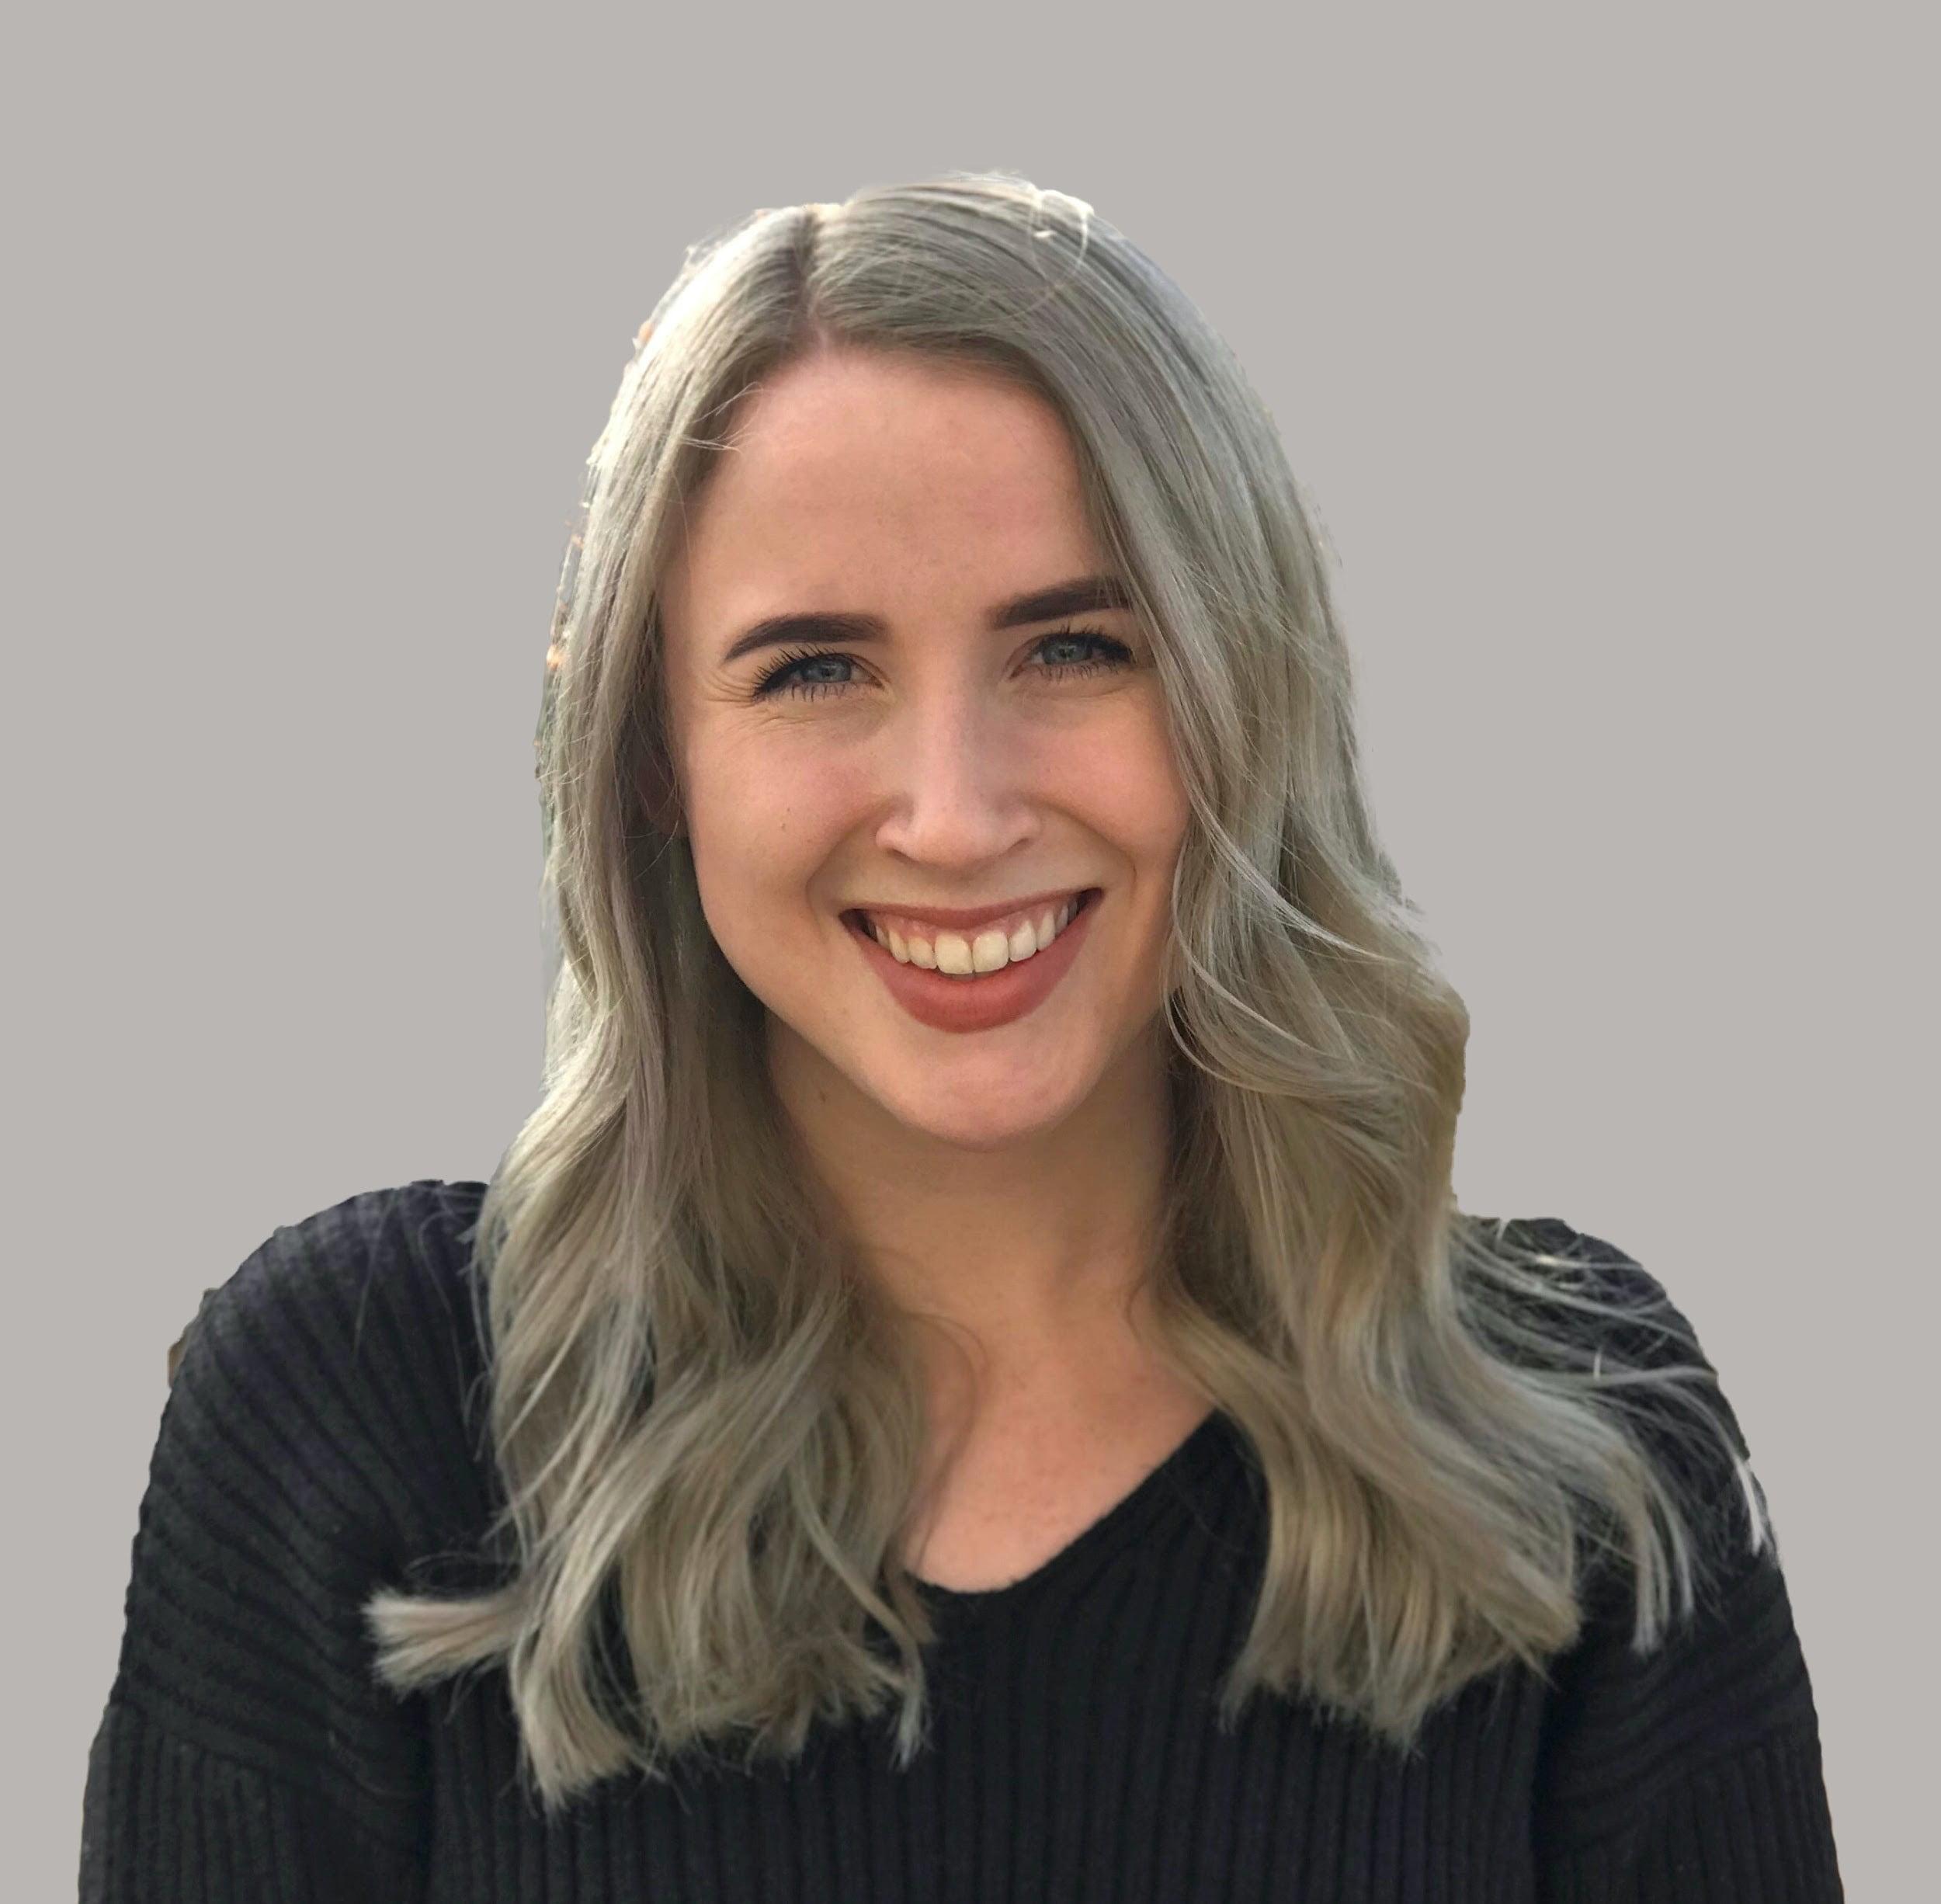 Jillian Howden